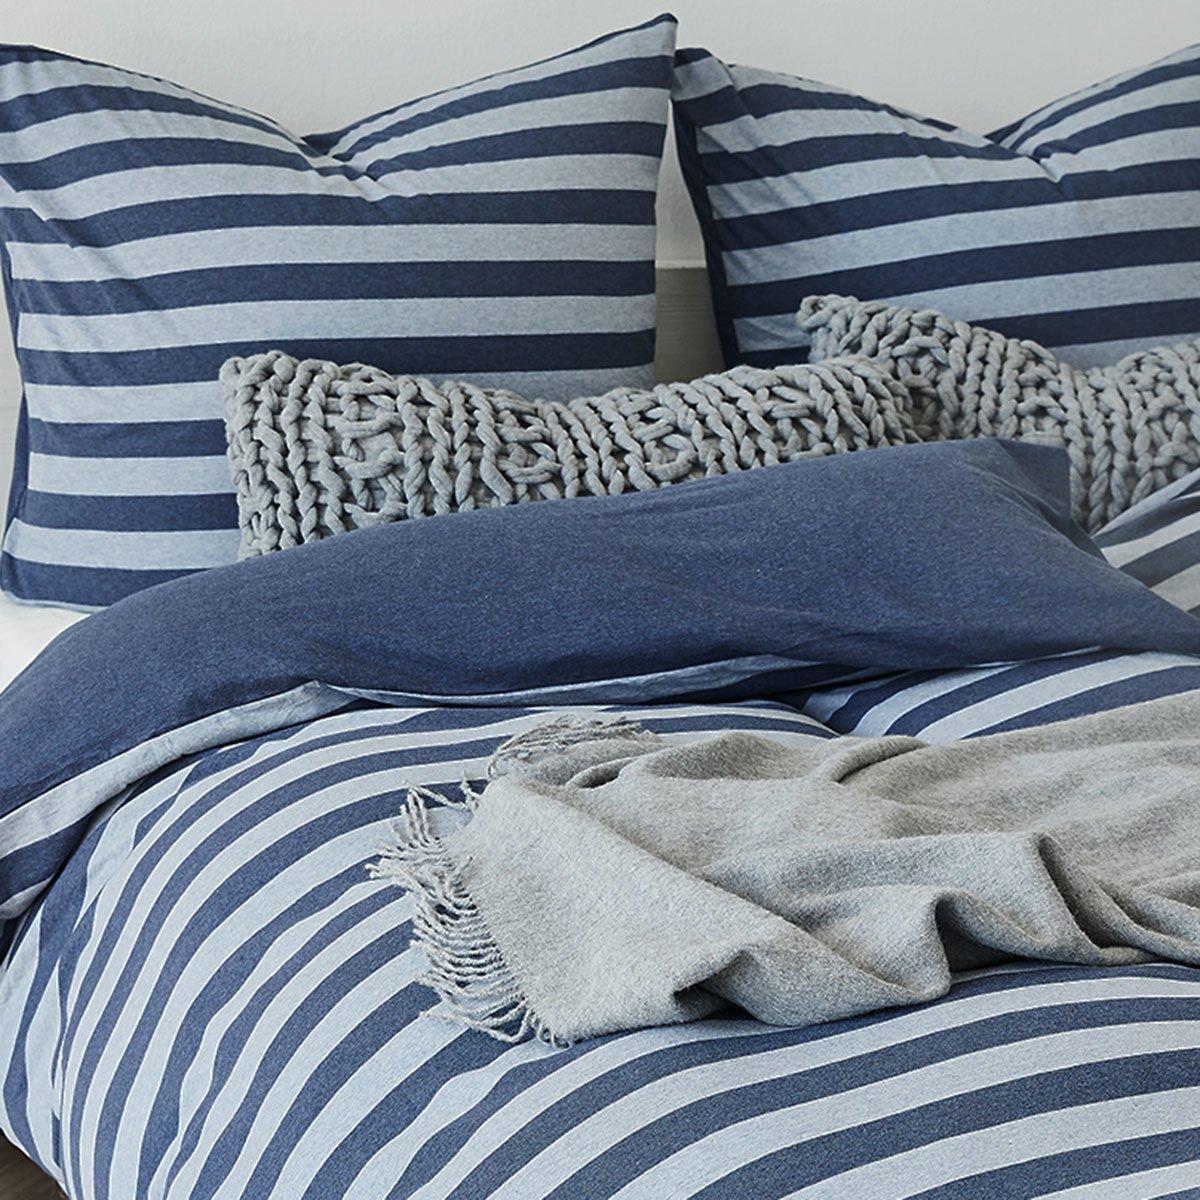 Traumschlaf Jersey Melange Wendebettwäsche Stripe blau blau blau 135x200 cm + 80x80 cm 610571